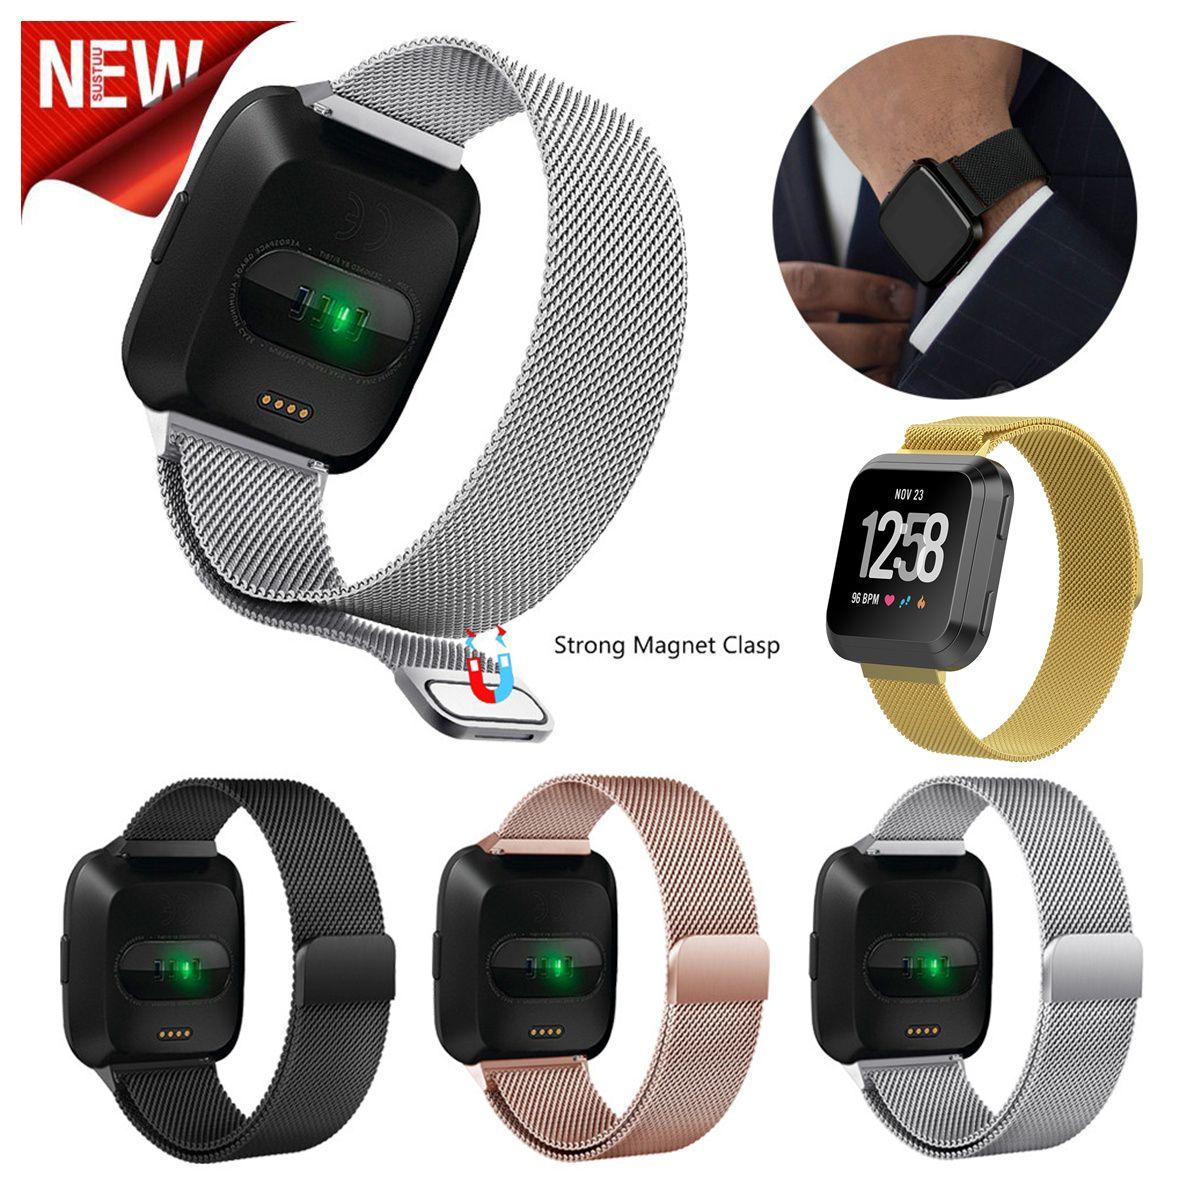 a20389a2e4e Magnético Milanese Loop Strap Wrist Band Substituição Para Fitbit Versa Pulseira  Pulseira de Relógio de Aço Inoxidável Bloqueio Magnético Pulseira 4 Cores